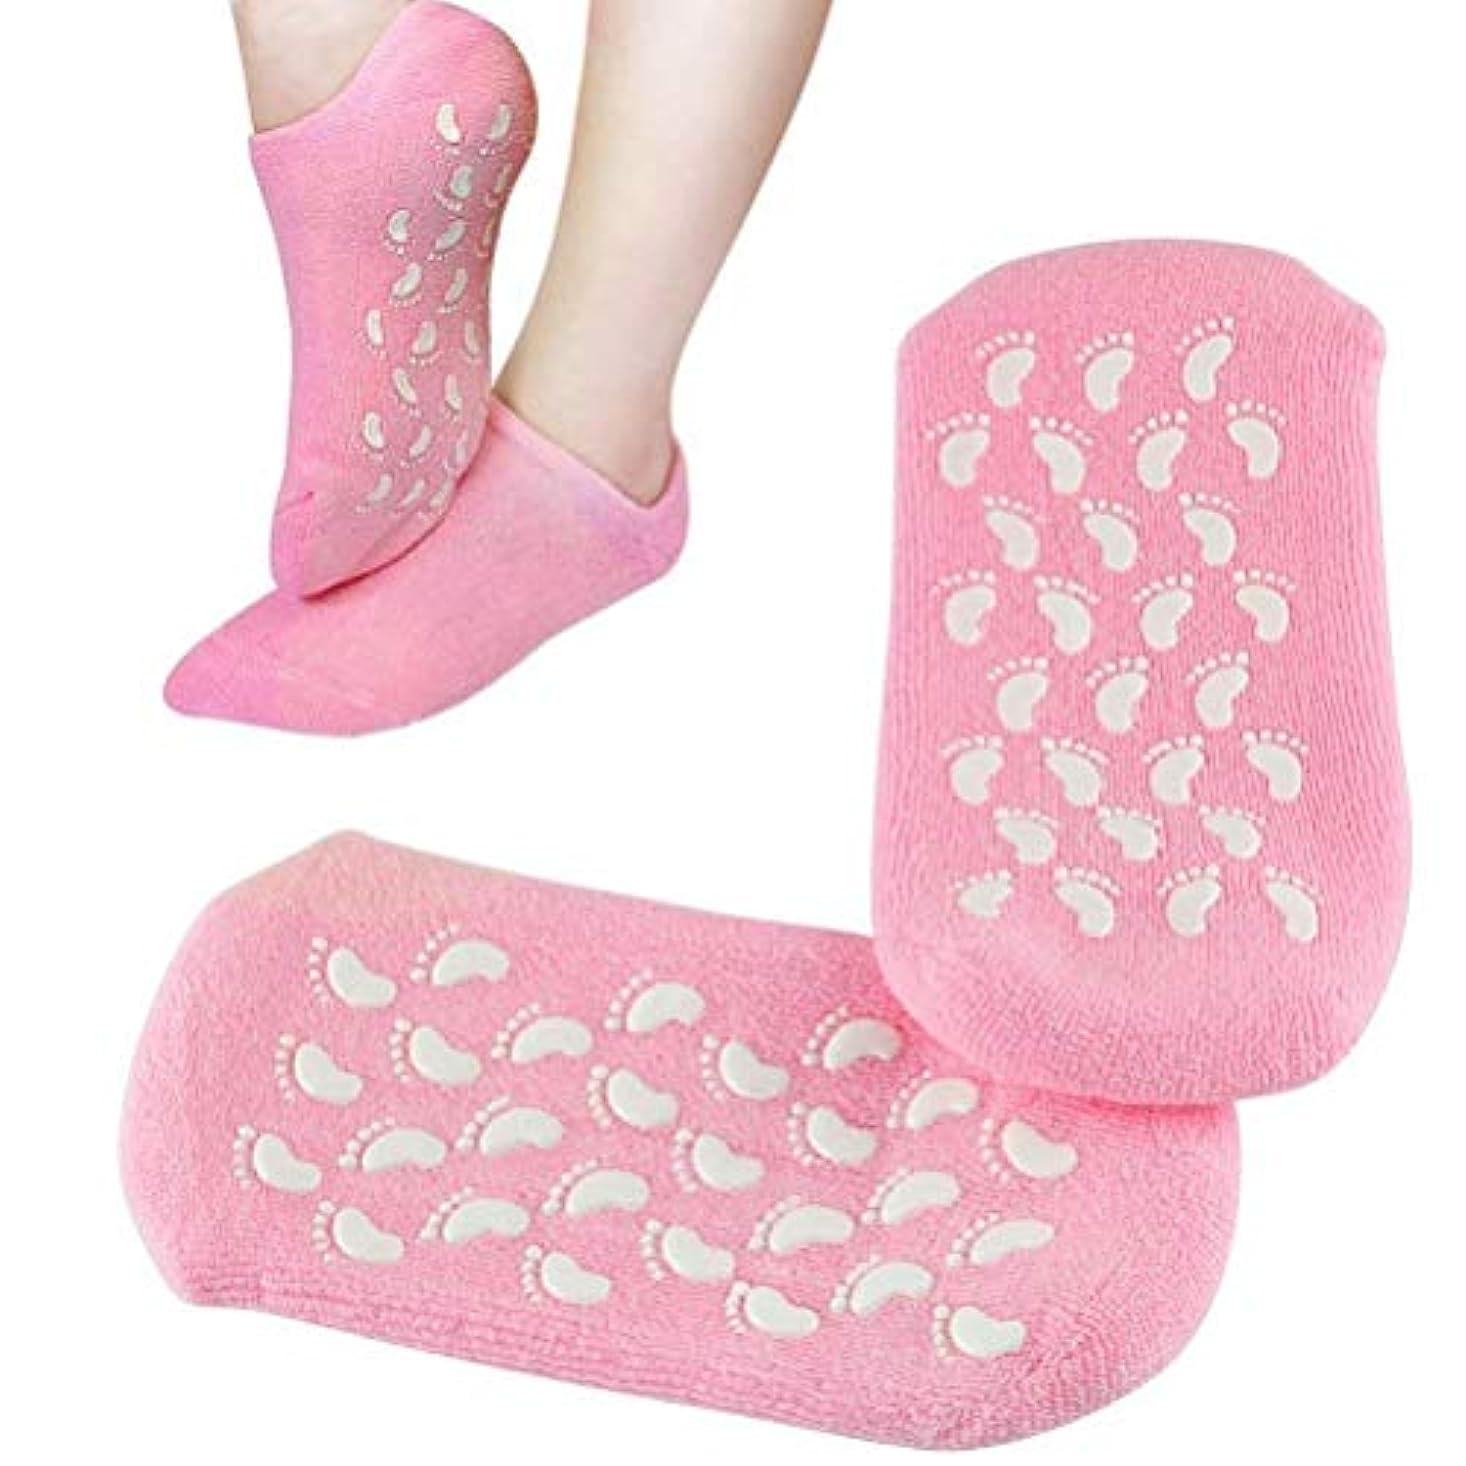 整然とした一般ステージPinkiou 靴下 ジェルソックス モイスチャーソックス かかと フットケアー 足の角質取り 美容 保湿 素肌ケア 角質ケア おやすみ前用 (ピンク)